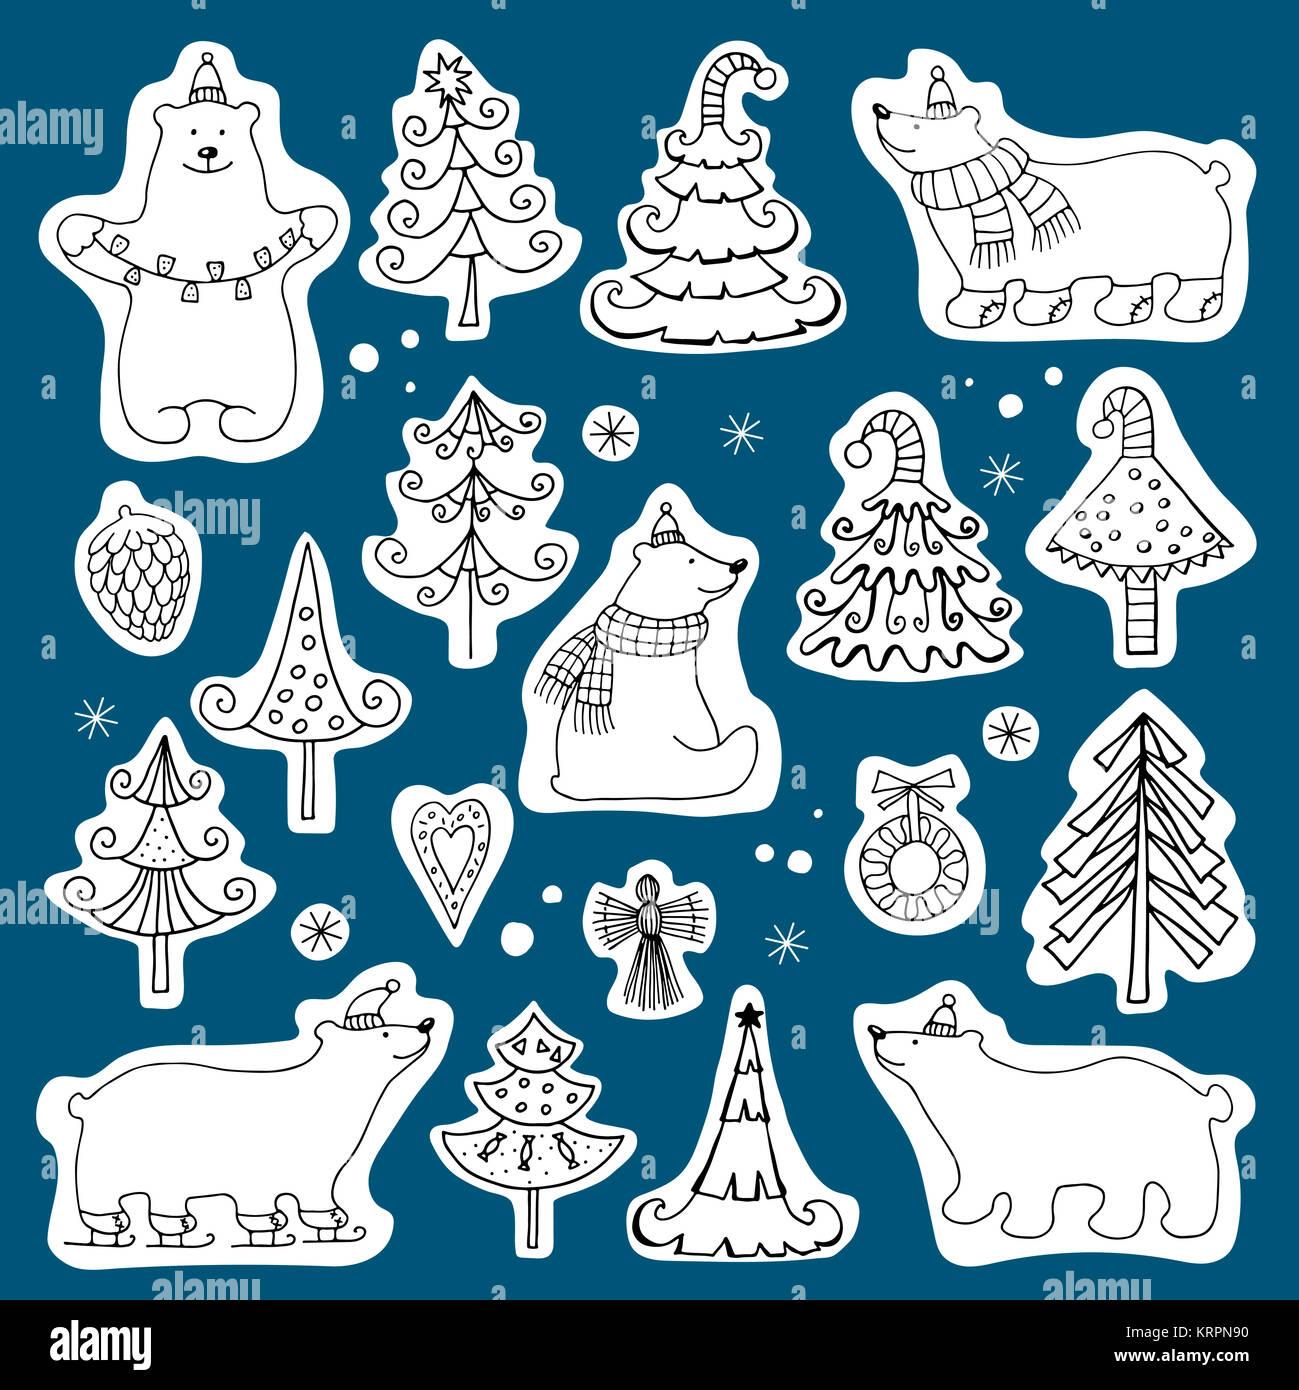 Conjunto de iconos de osos polares y árboles de Navidad Imagen De Stock